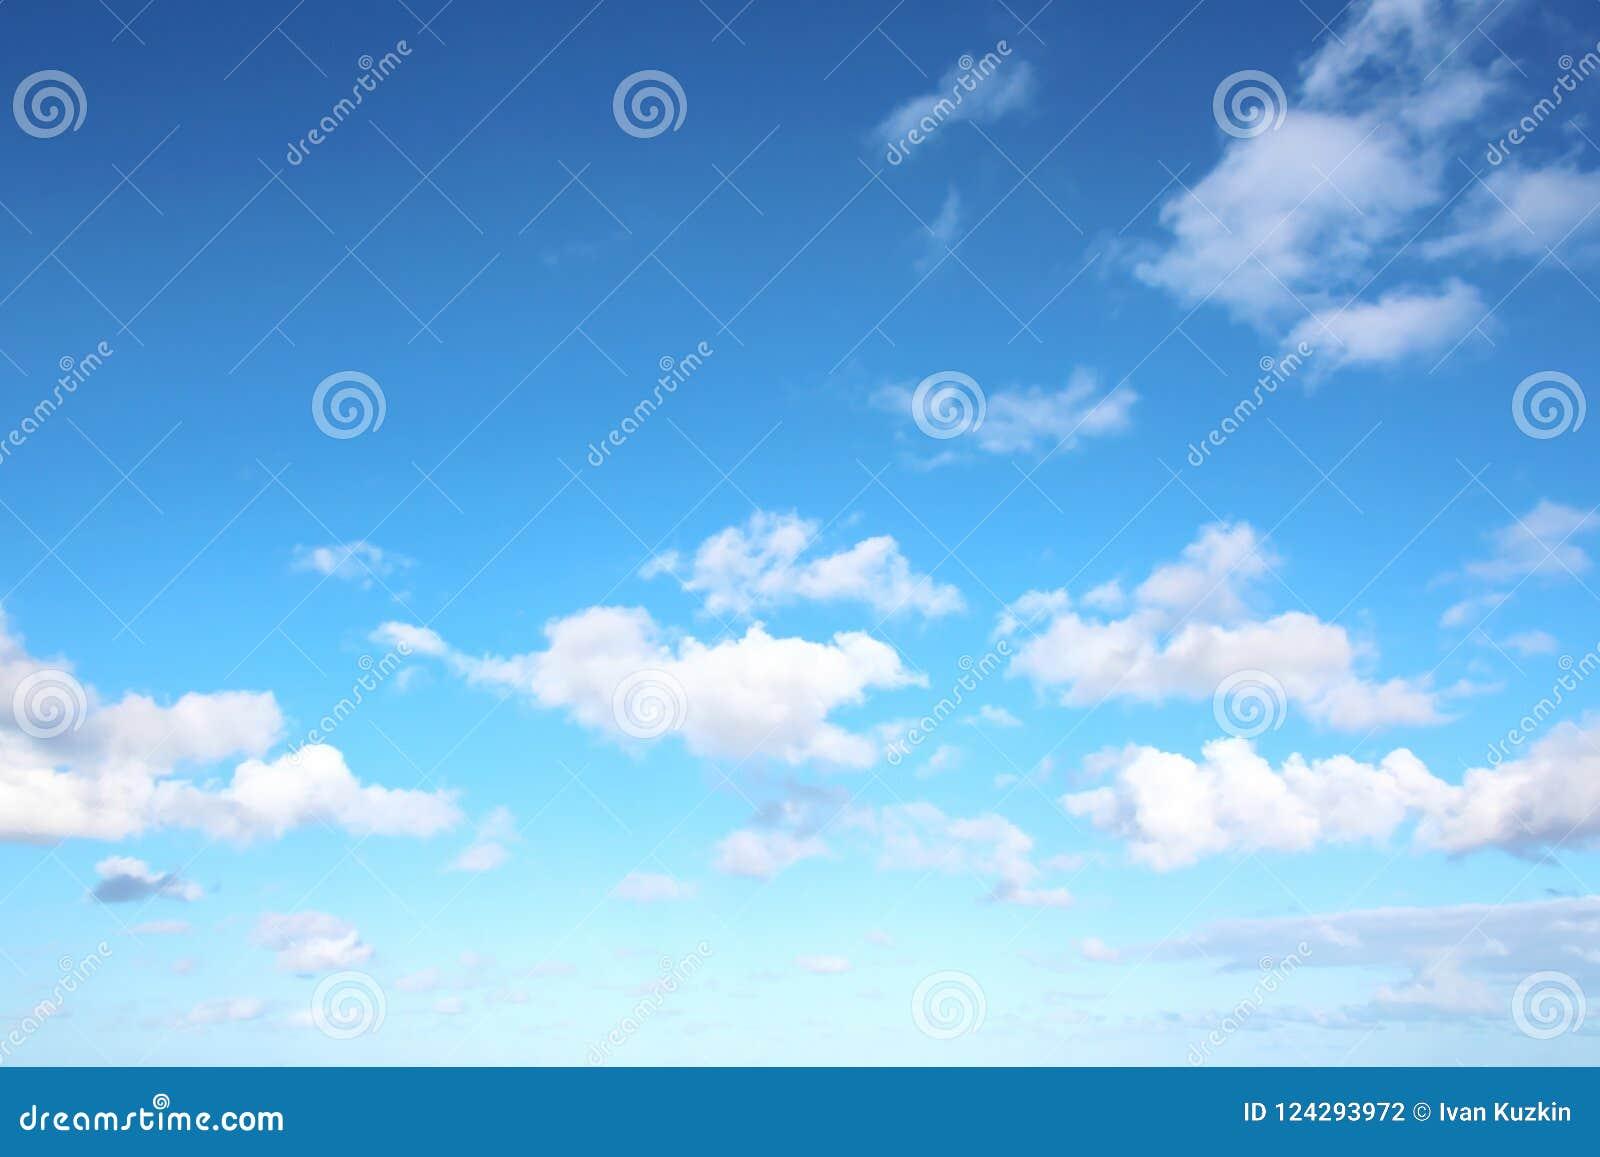 Witte wolken van diverse vormen tegen de blauwe hemel en de zon boven de oppervlakte van de oceaan